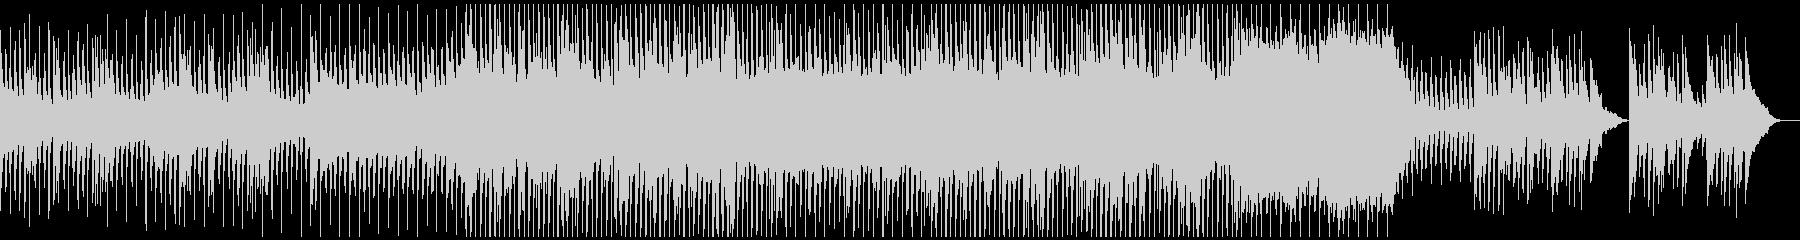 ポップ ロック クラシック 交響曲...の未再生の波形